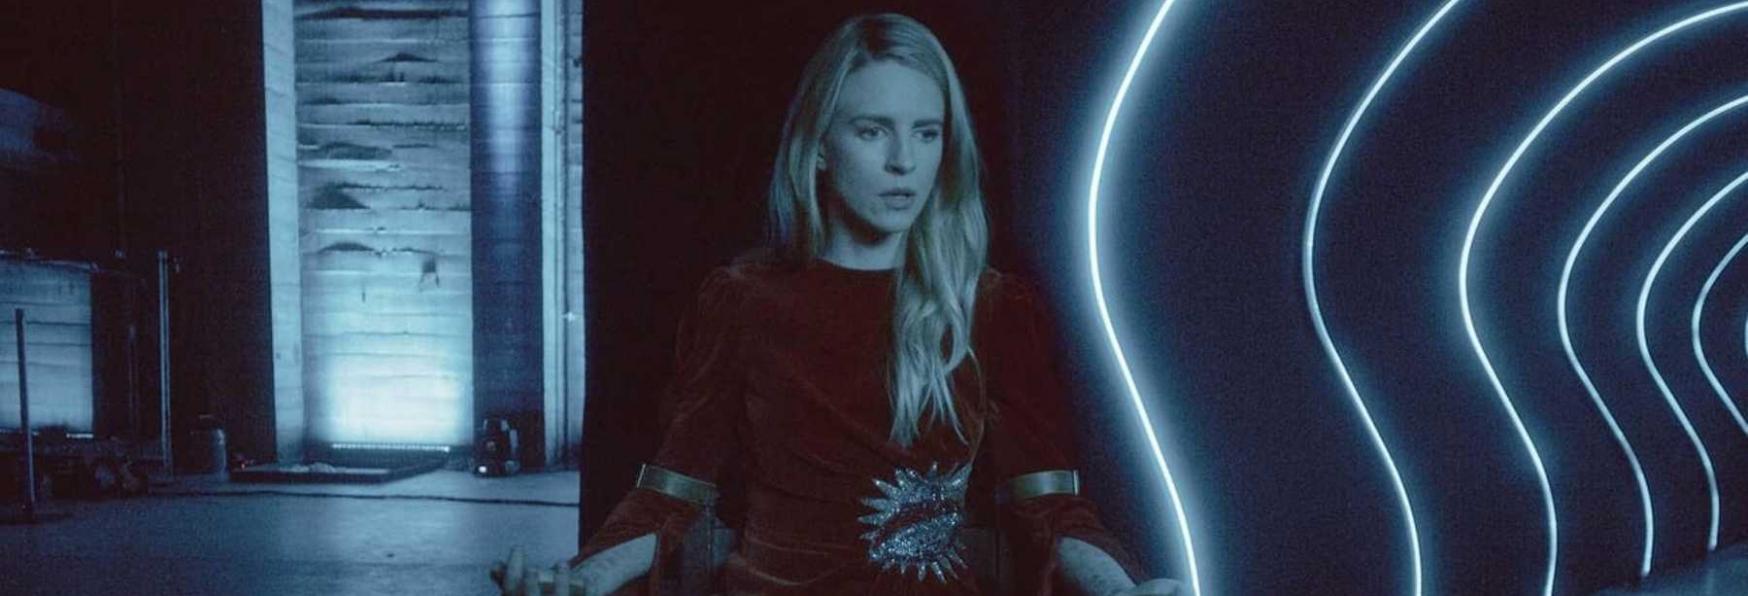 The OA: il Commento dell'Attrice Brit Marling sulla Cancellazione della Serie Netflix